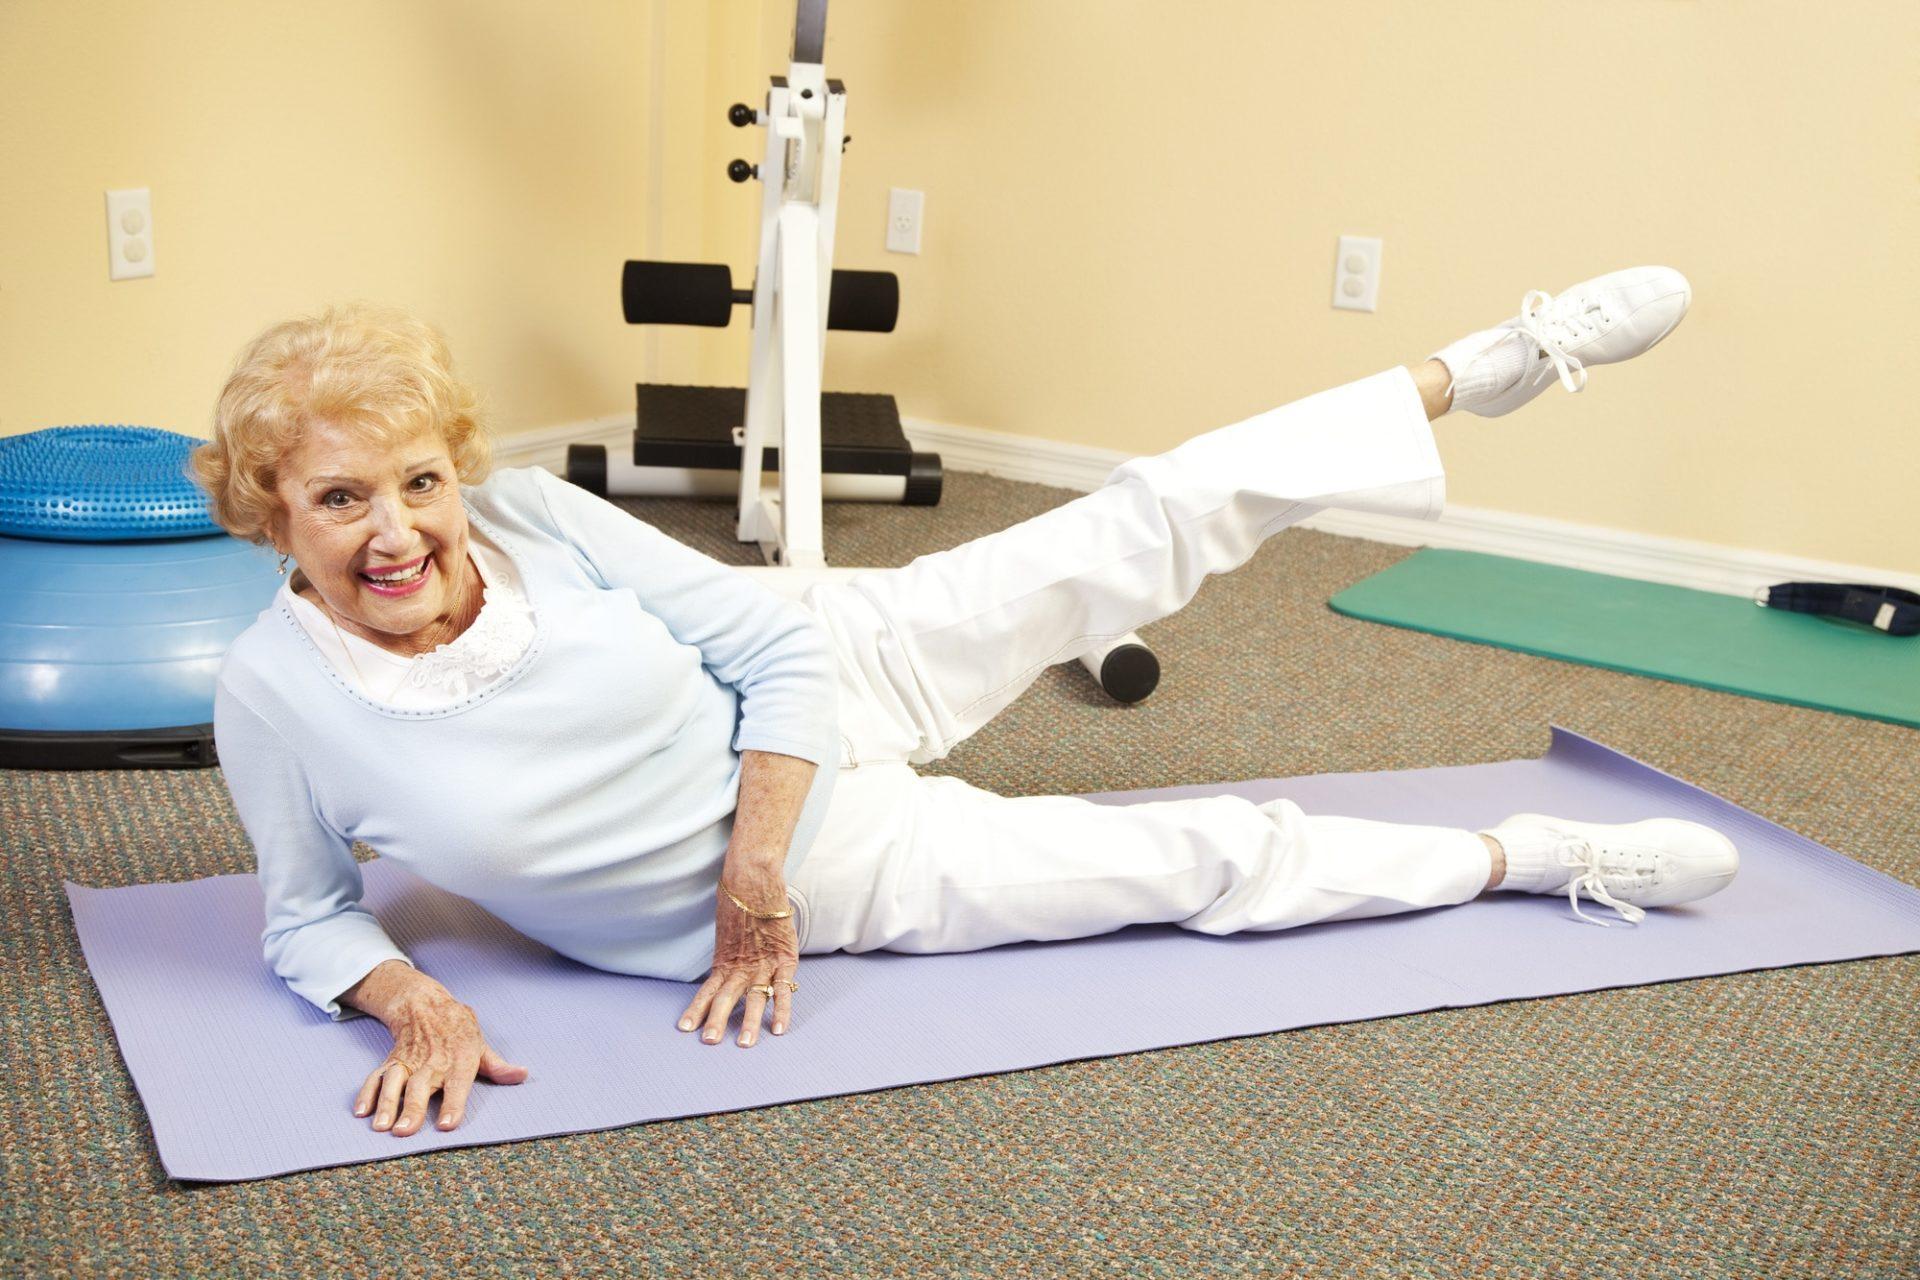 Как защититься от остеопороза костей: эффективная профилактика